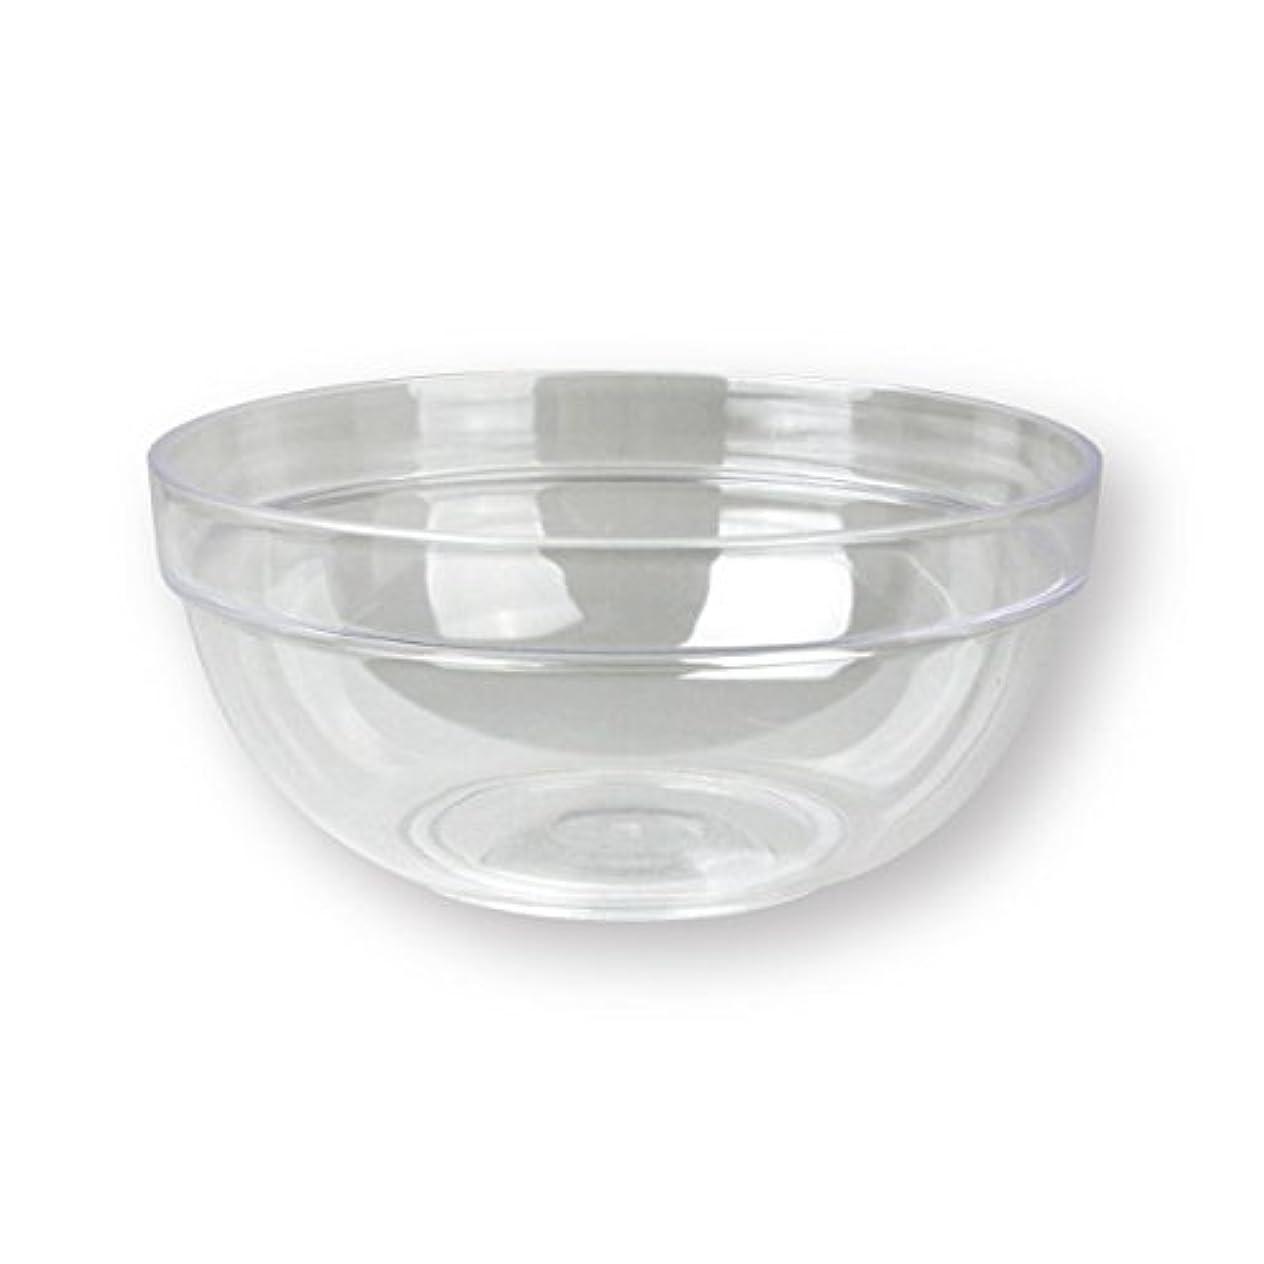 毎週品オズワルド4個セットプラスチックボール プラスチック ボウル カップクリア 直径20cm